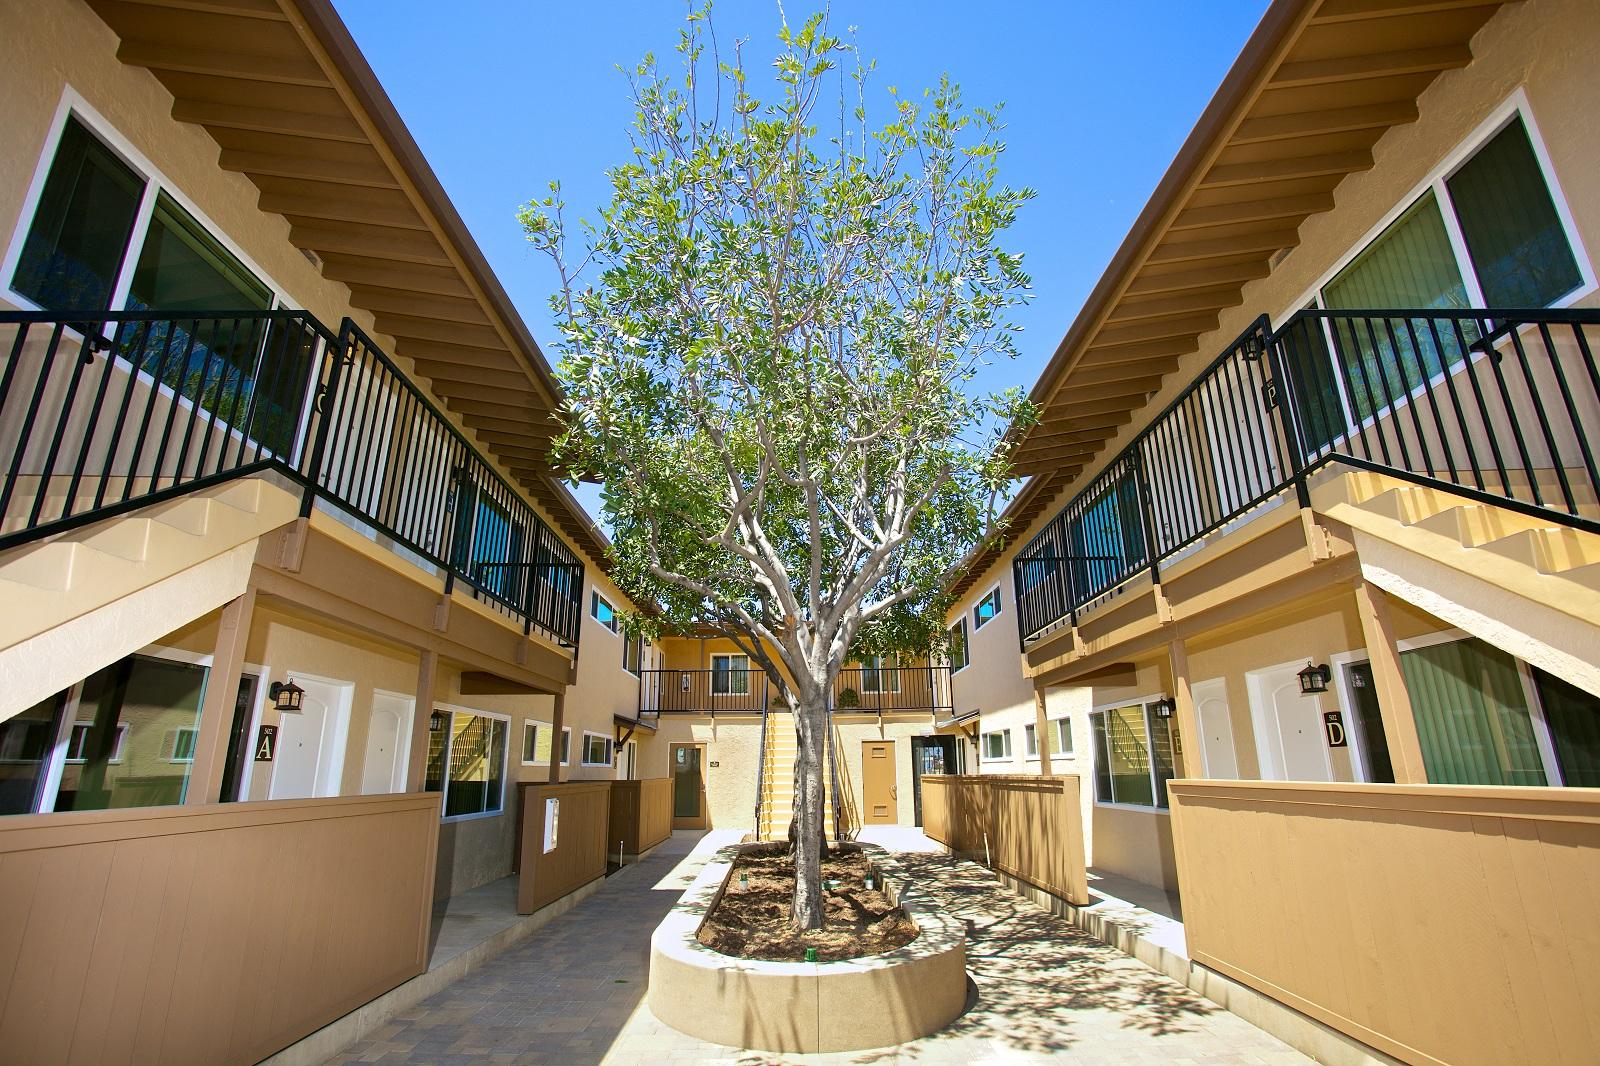 woodlawn gardens apartments in chula vista ca rh psdm woodlawn com